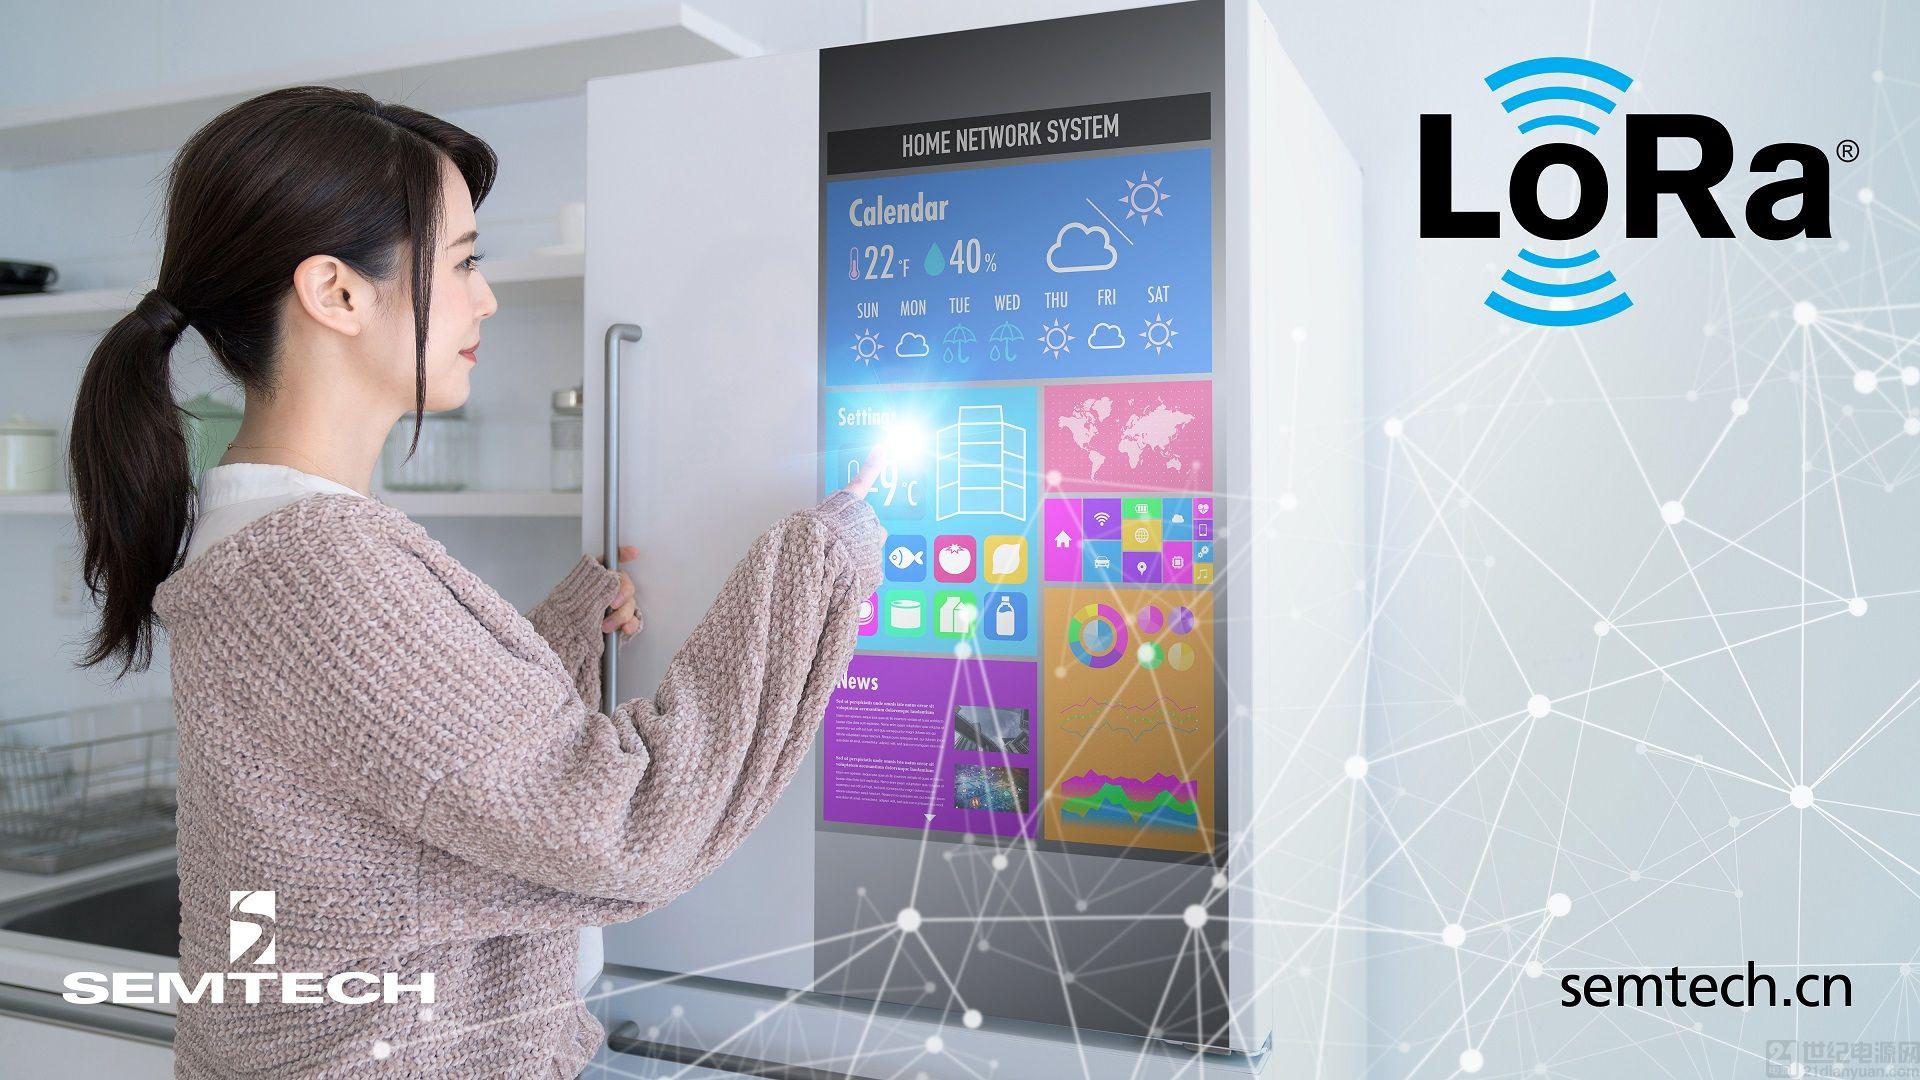 Semtech 發布面向物聯網應用的全新 LoRa® 智能家居器件